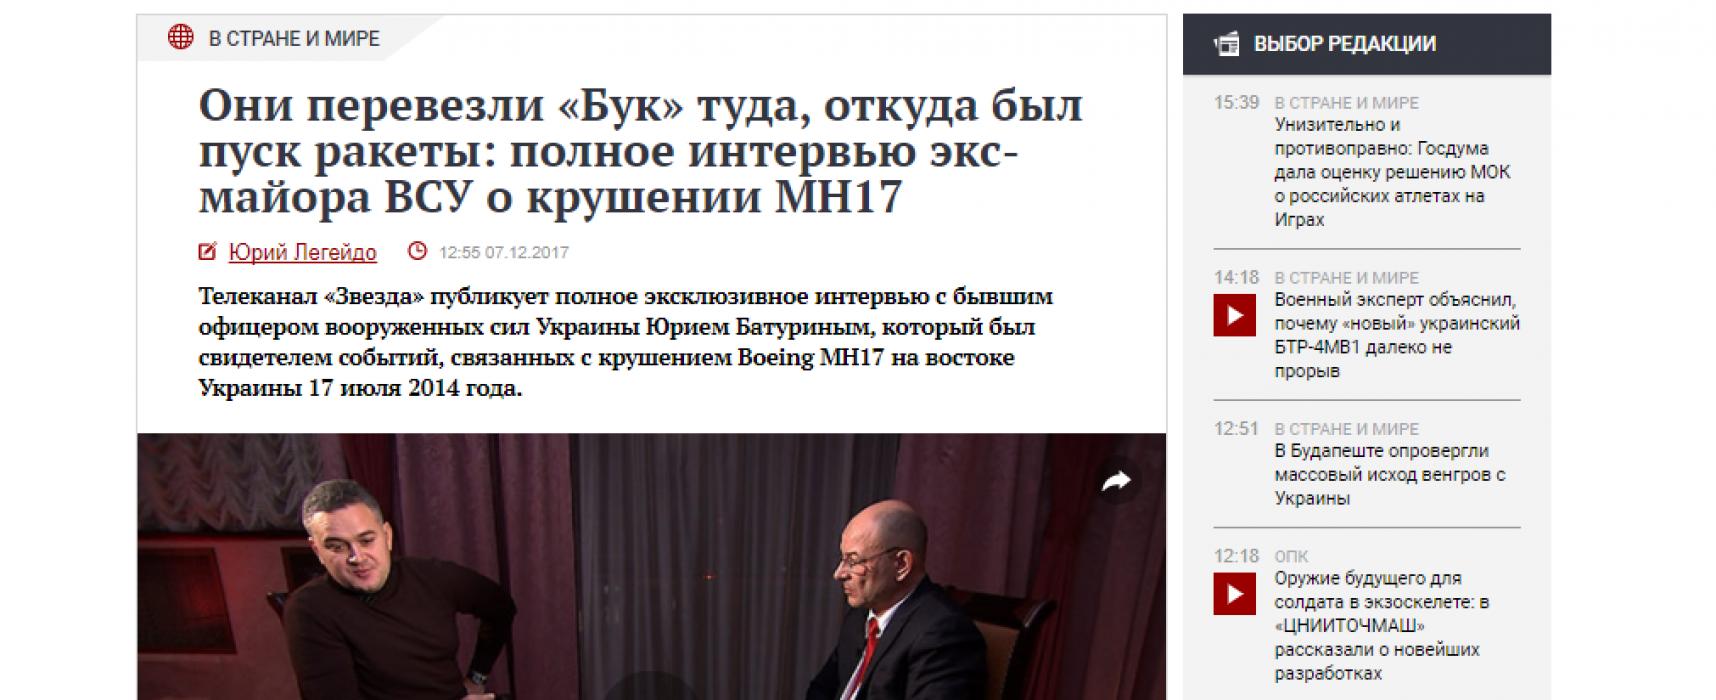 La chaîne de télévision russe «Zvezda» a diffusé un autre fake à propos de l'accident du MH17